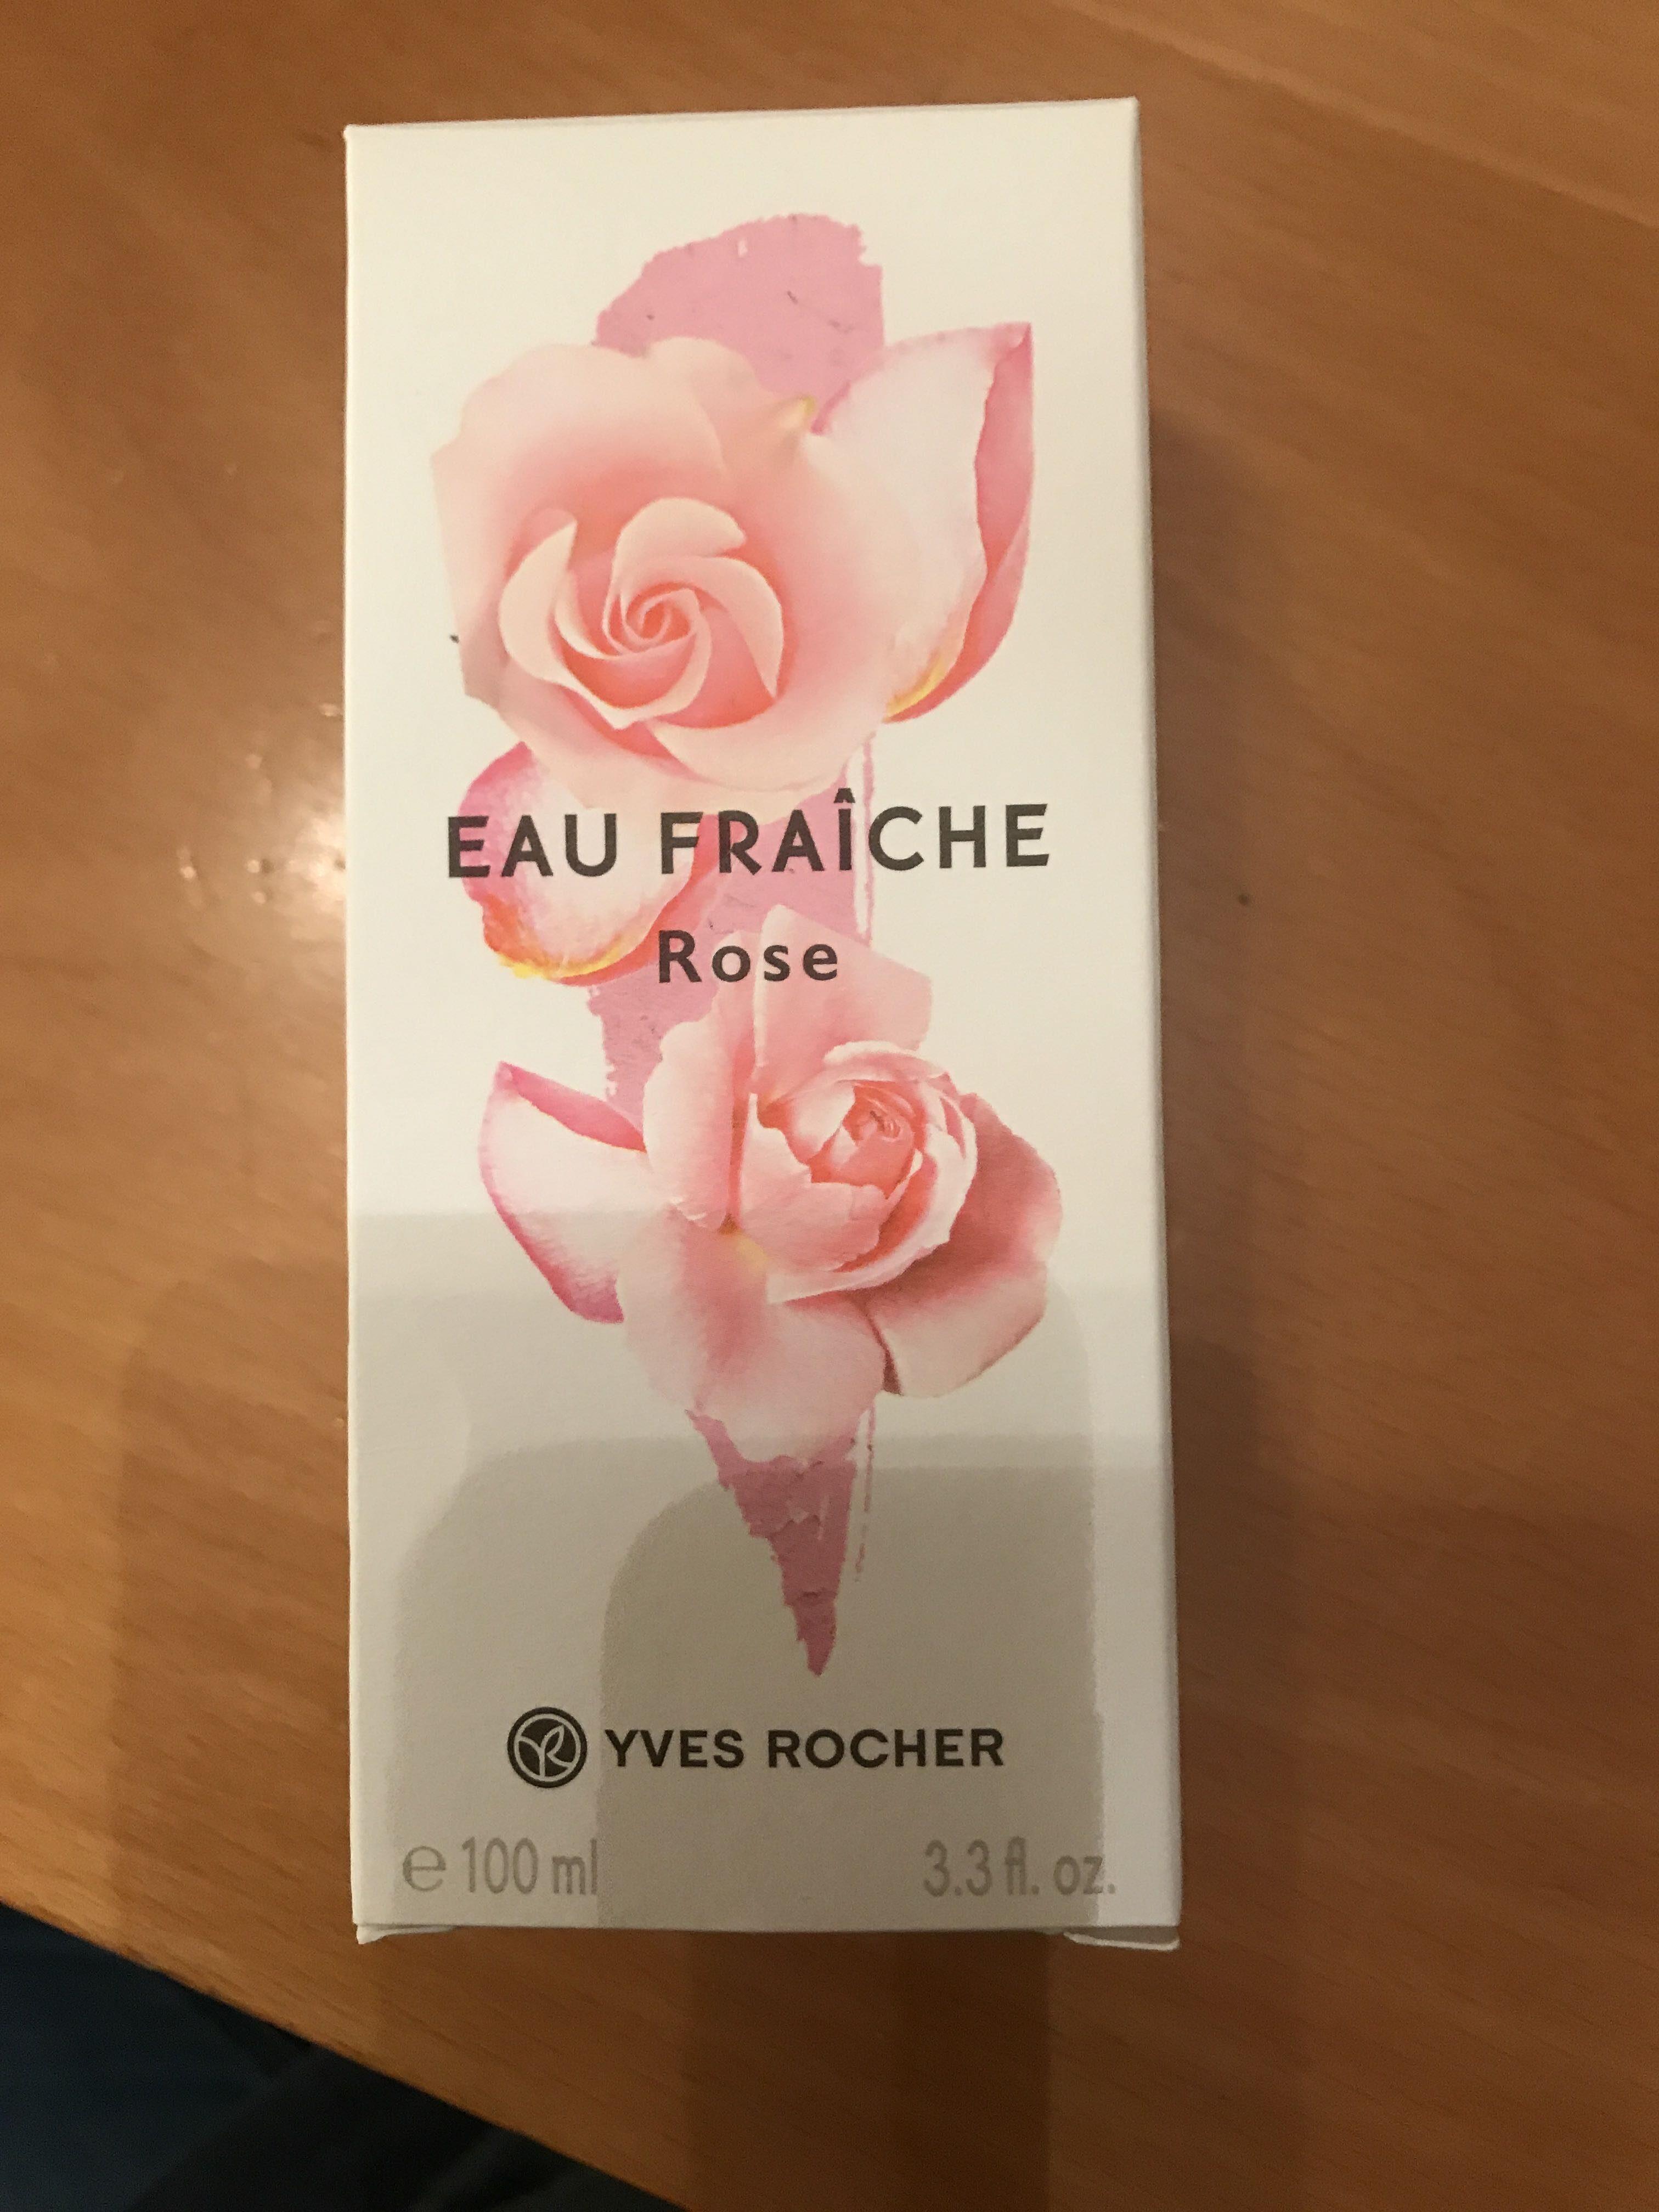 Eau fraîche Roye - Product - fr